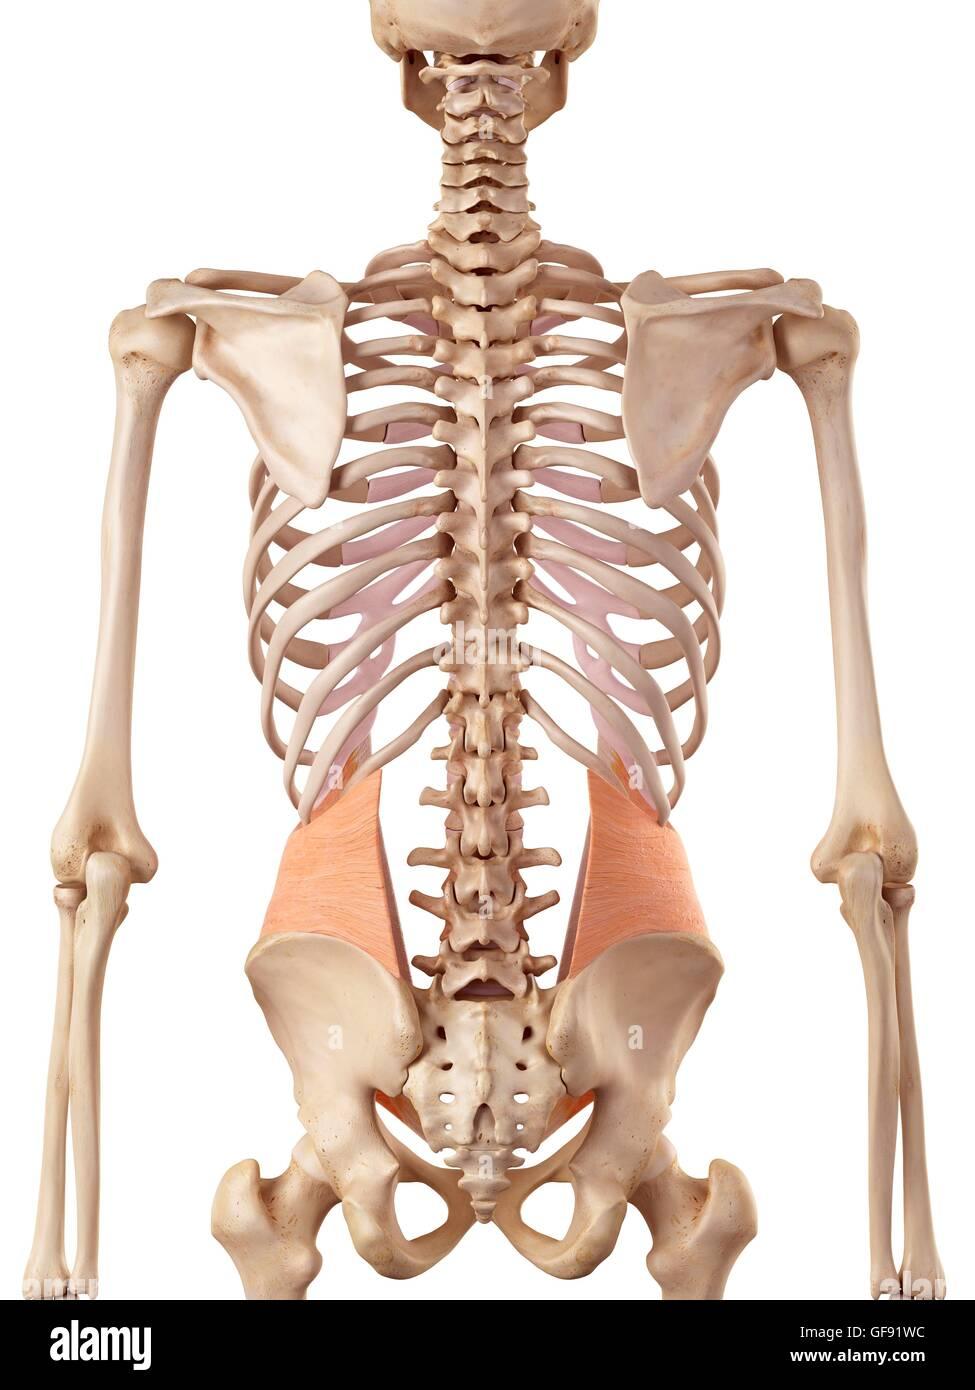 Erfreut Menschliche Anatomie Rechte Seite Bauch Bilder - Anatomie ...